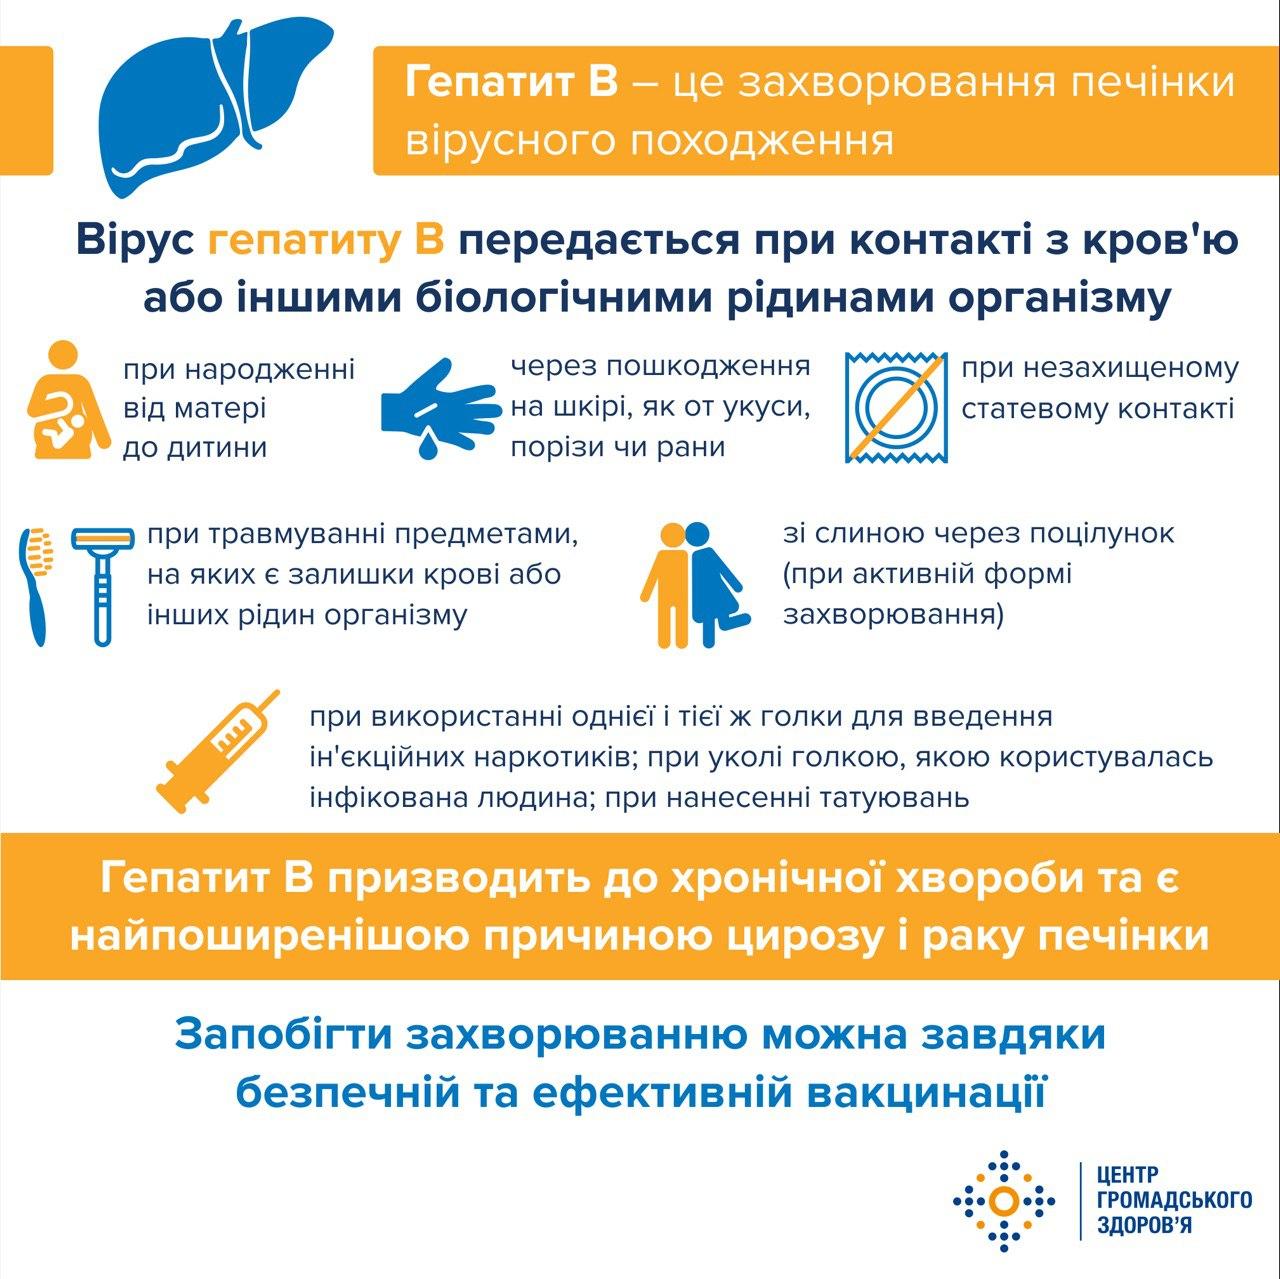 В Украине почти 2 млн инфицированных гепатитом, - ЦОЗ